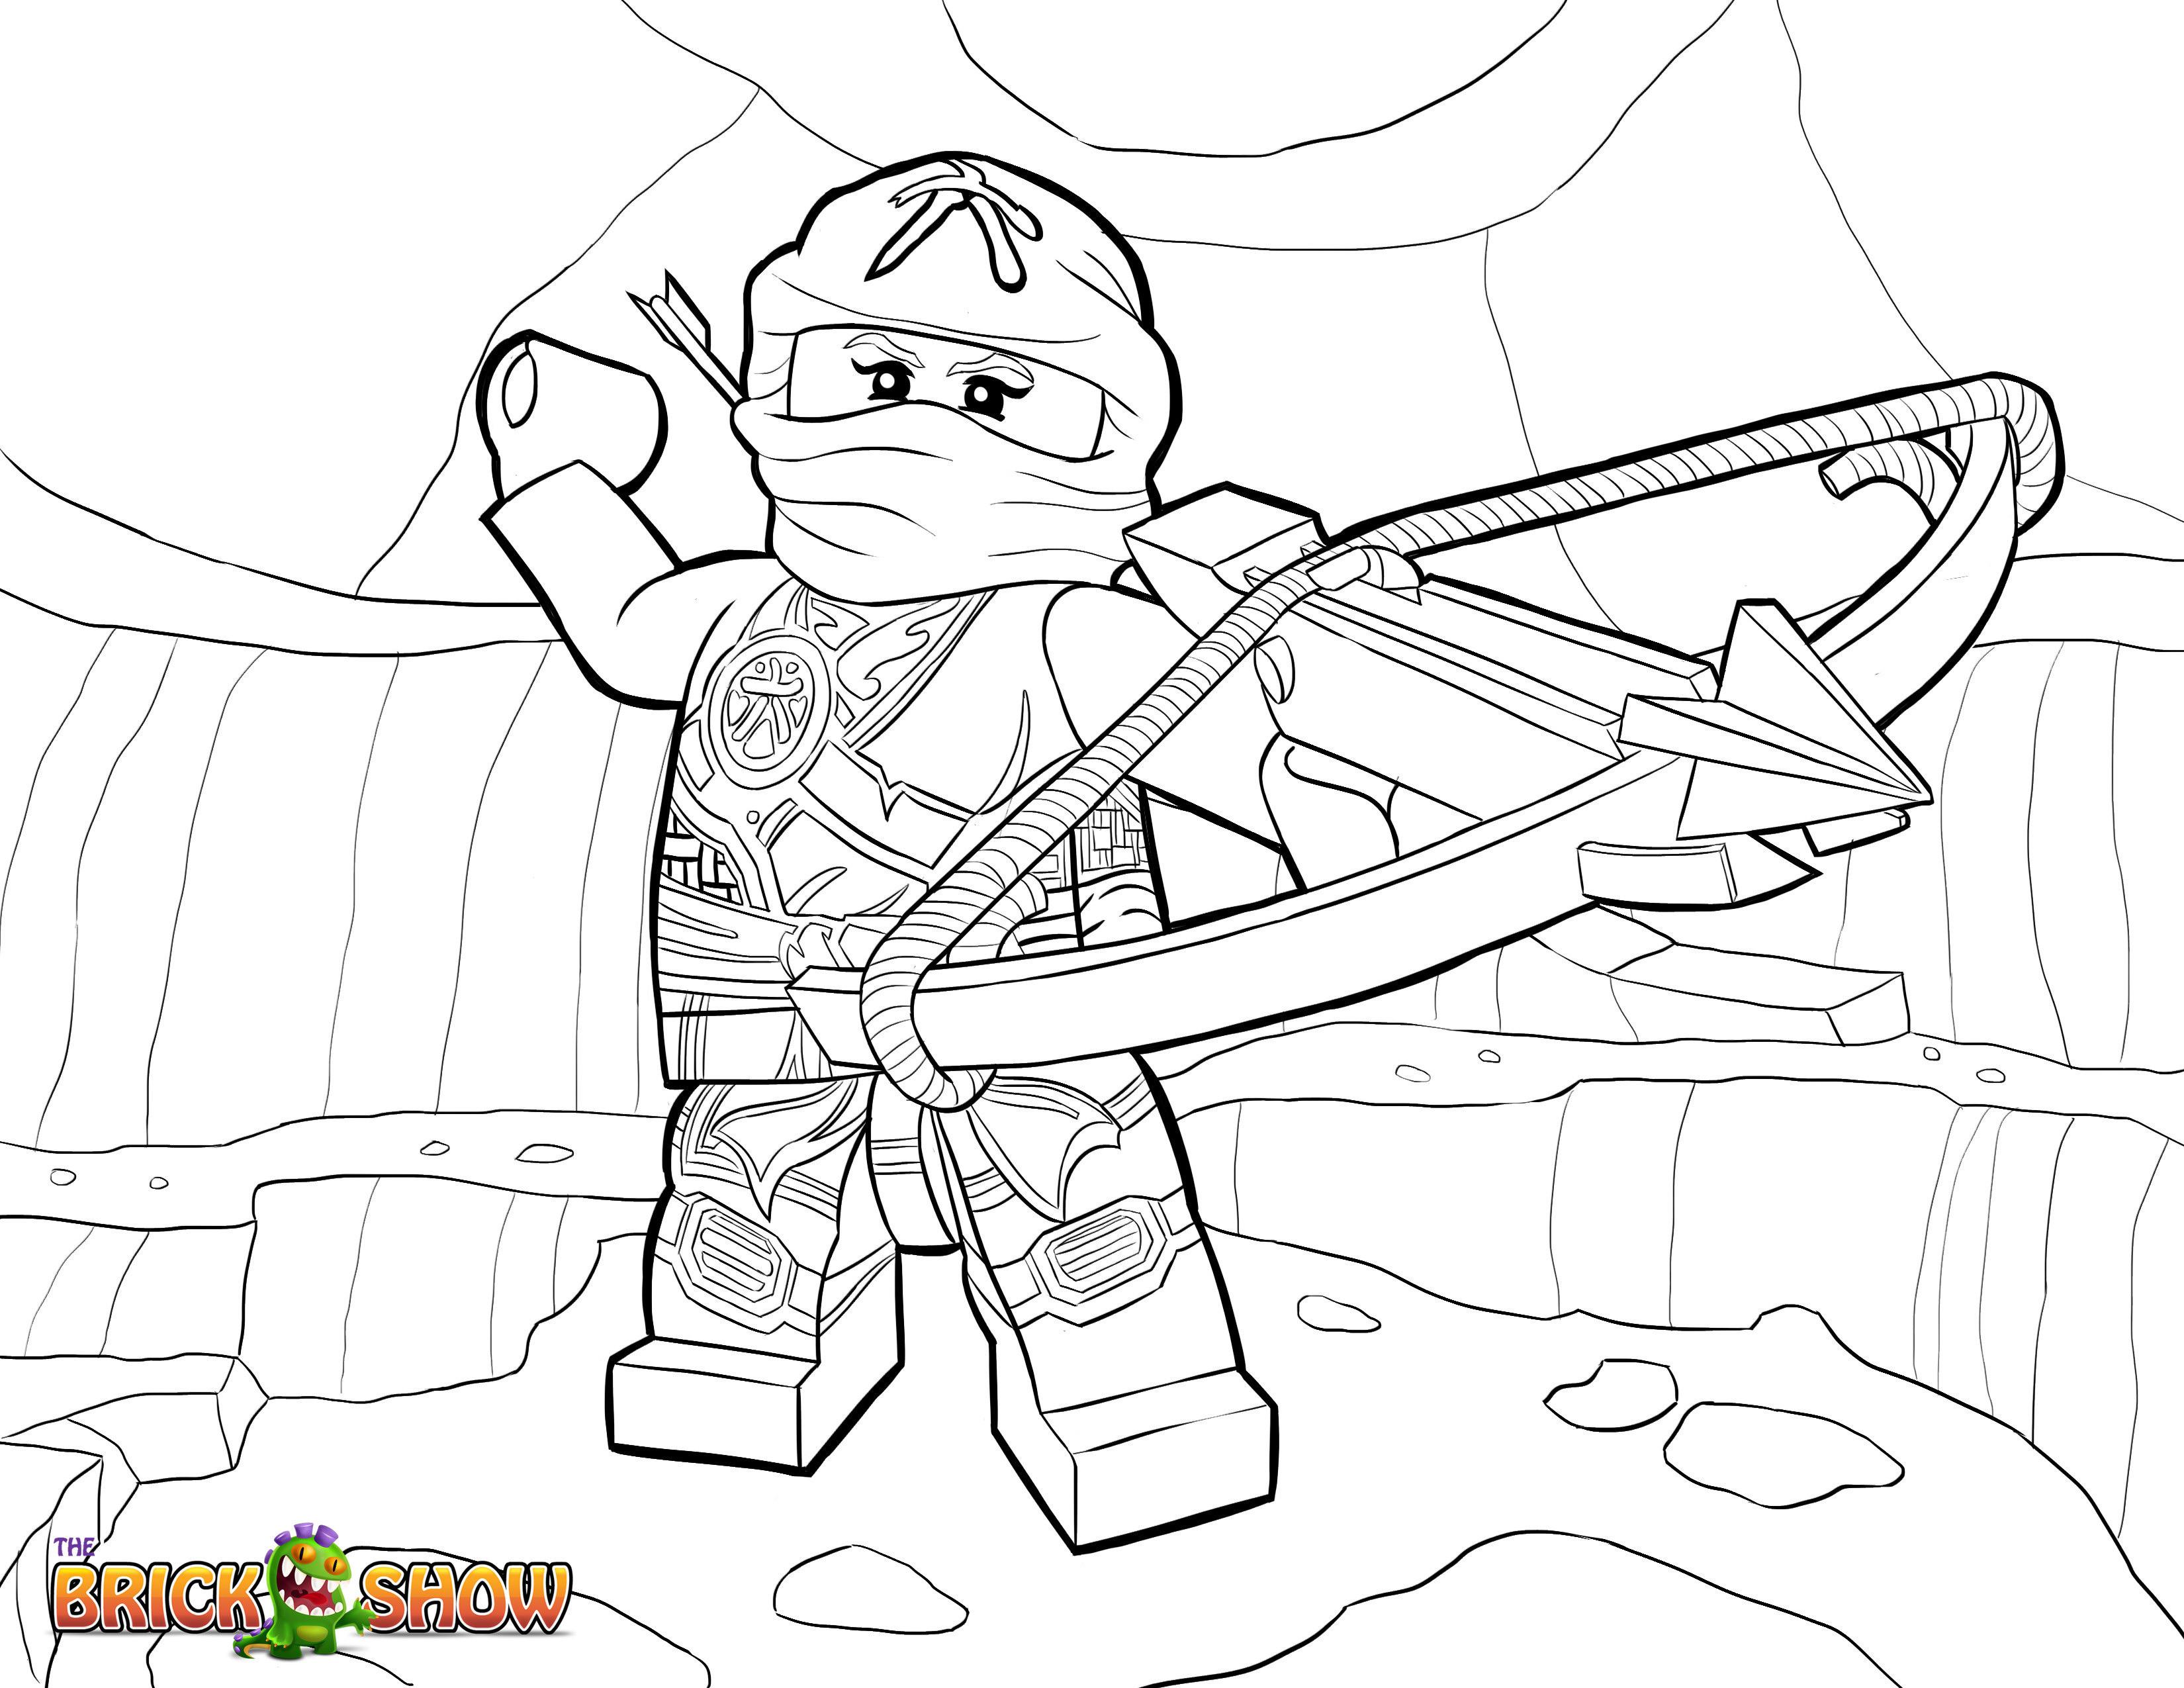 Ausmalbild Lego Batman Neu 40 Lego Ninjago Ausmalbilder Zum Ausdrucken forstergallery Stock